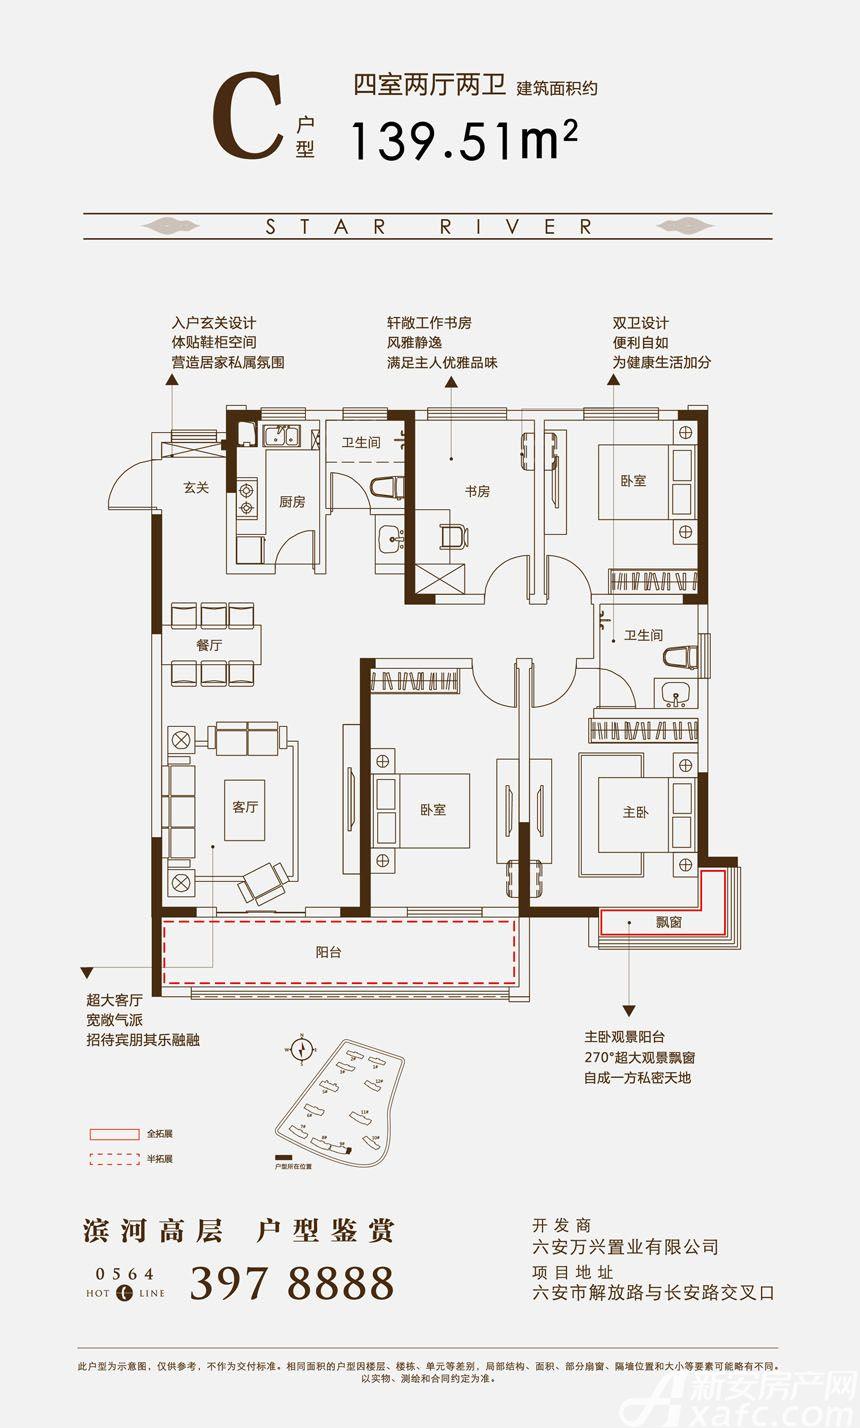 明月港湾雅苑C4室2厅139.51平米